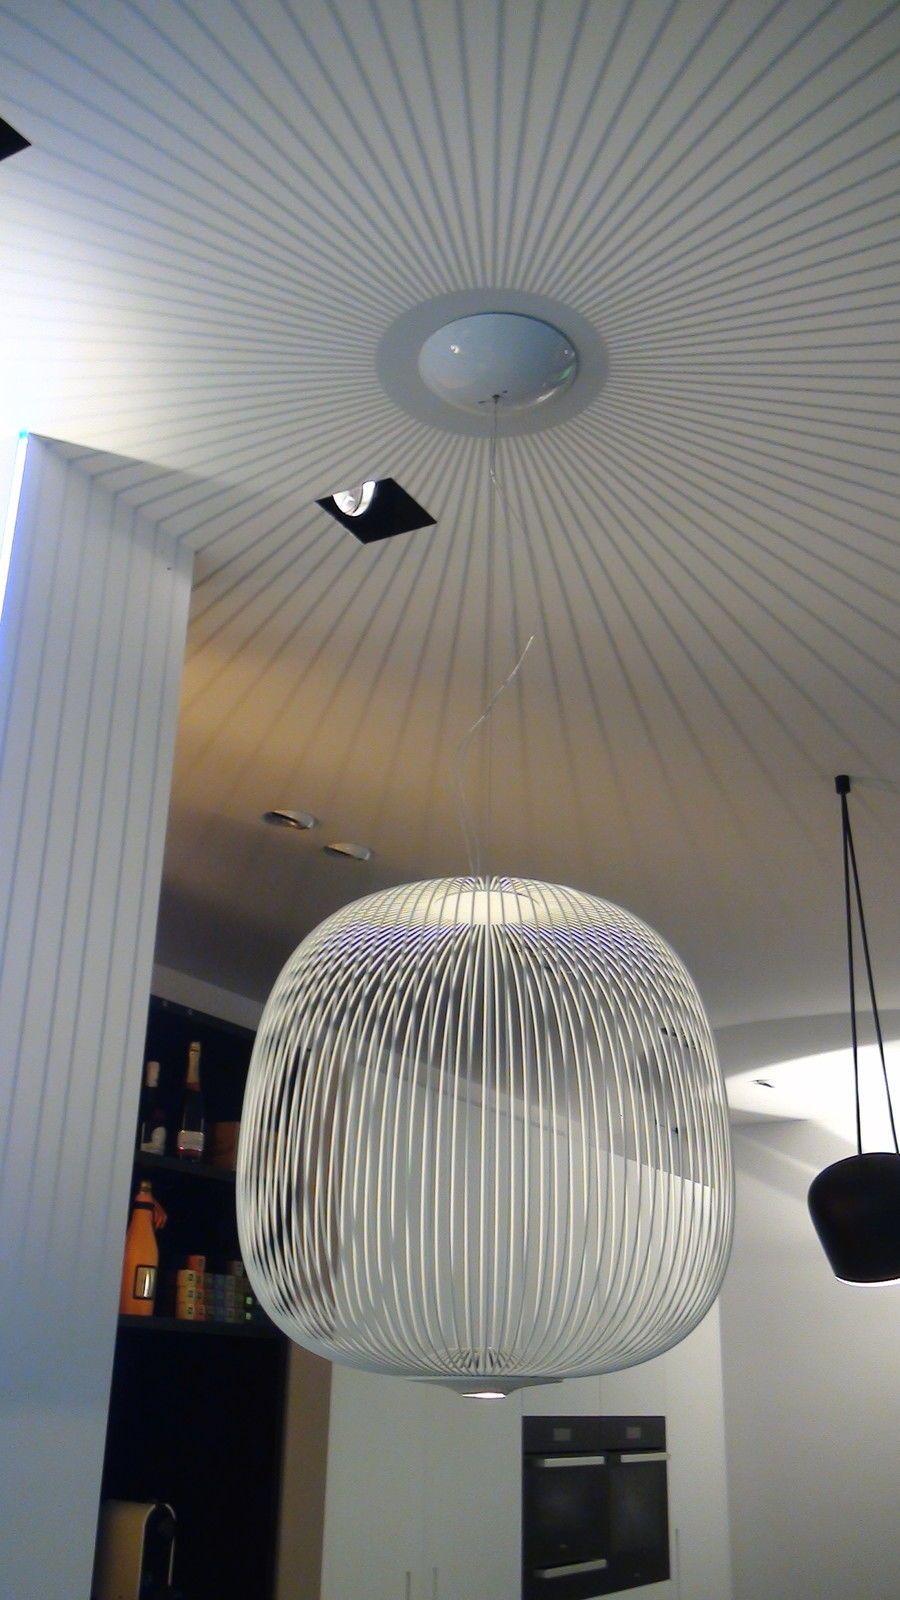 Foscarini, Mod. SPOKE 2, LED 38,5 Watt,2700K,2780lm, in ...